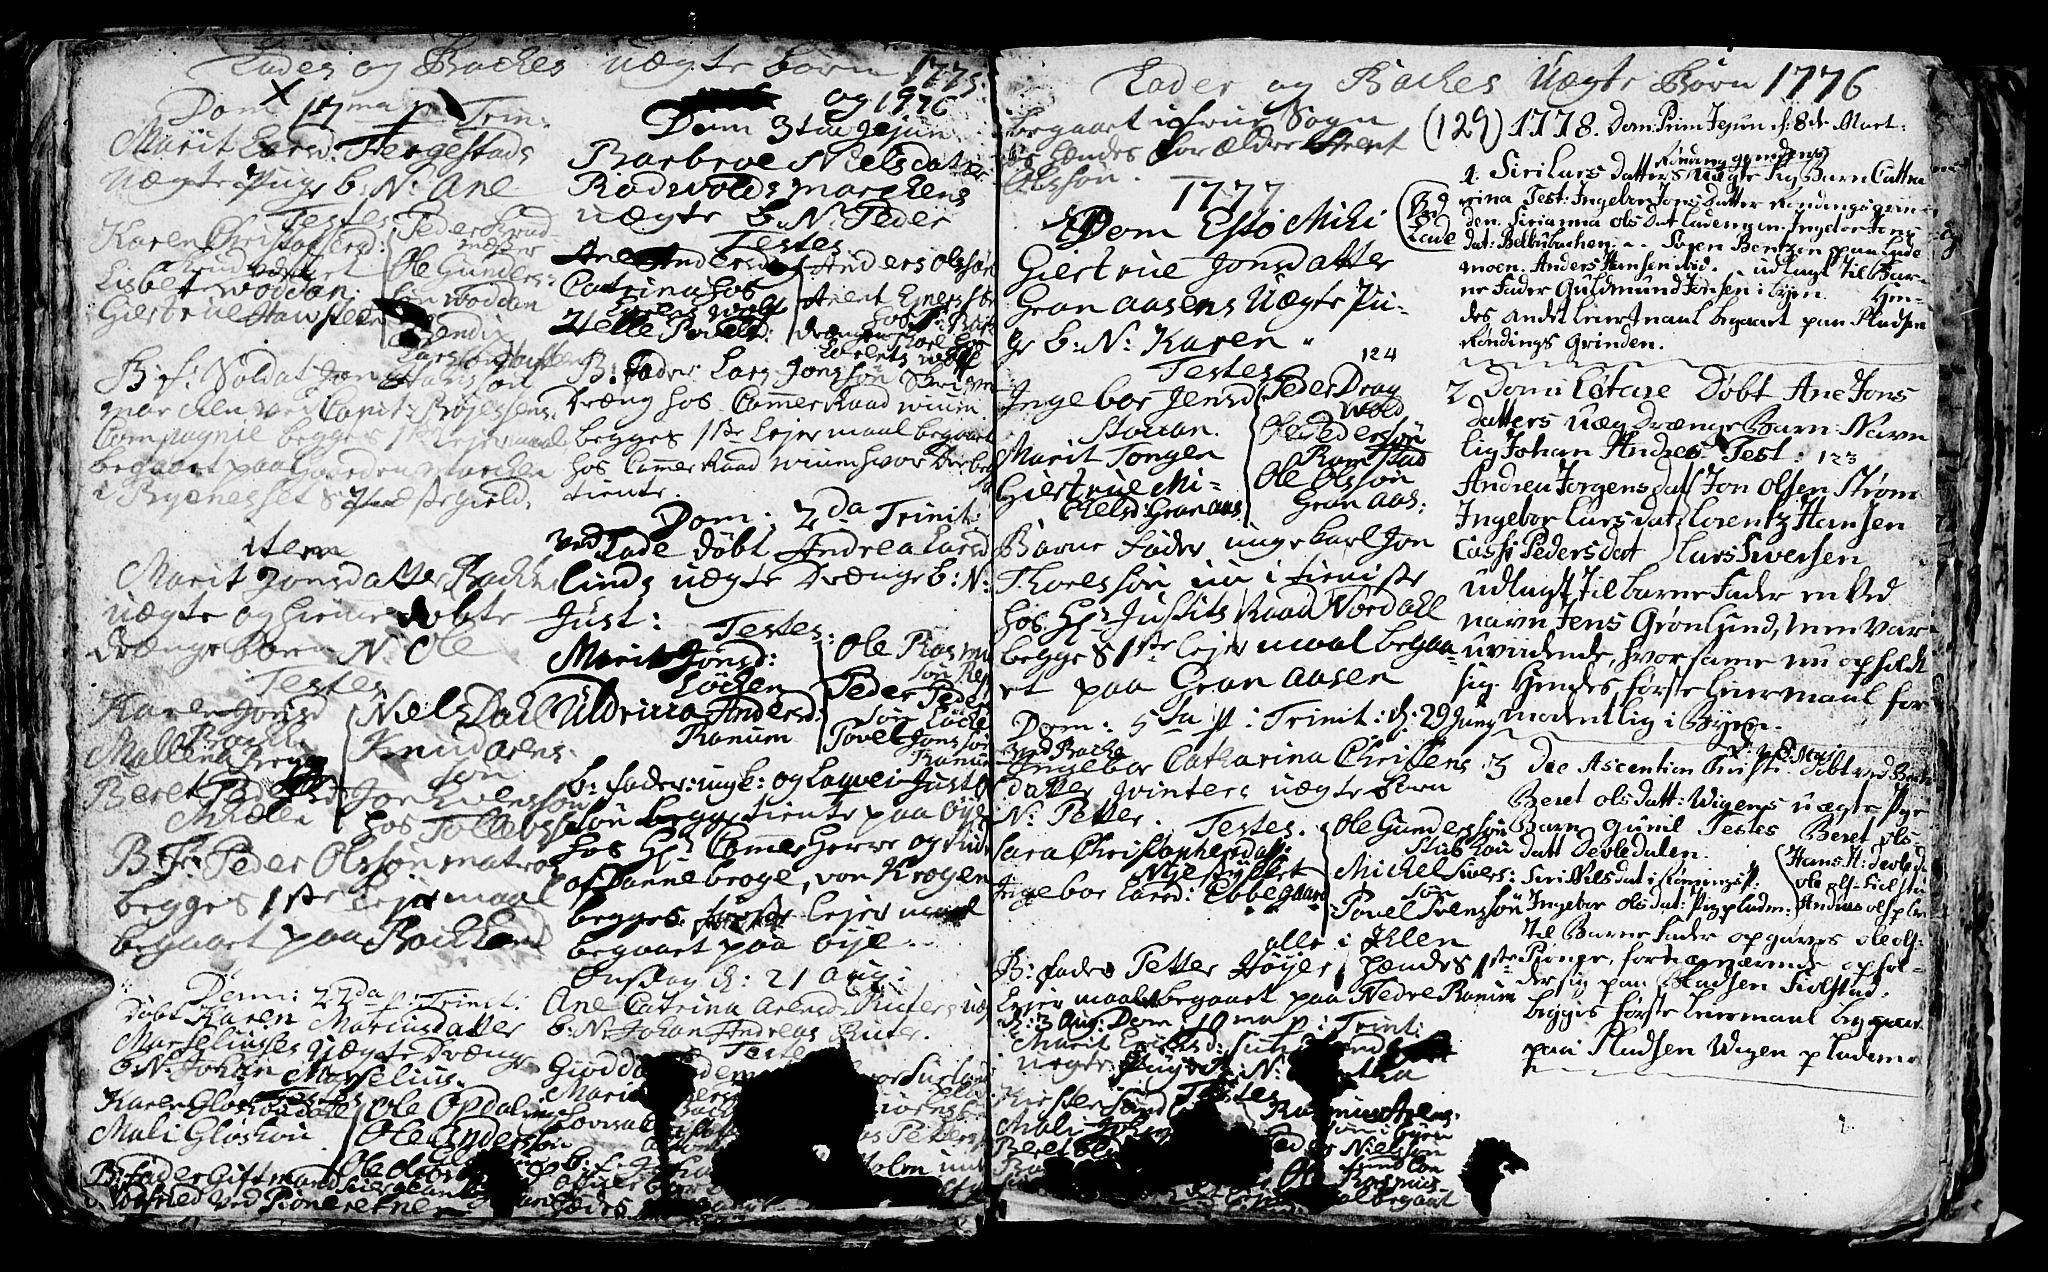 SAT, Ministerialprotokoller, klokkerbøker og fødselsregistre - Sør-Trøndelag, 606/L0305: Klokkerbok nr. 606C01, 1757-1819, s. 129